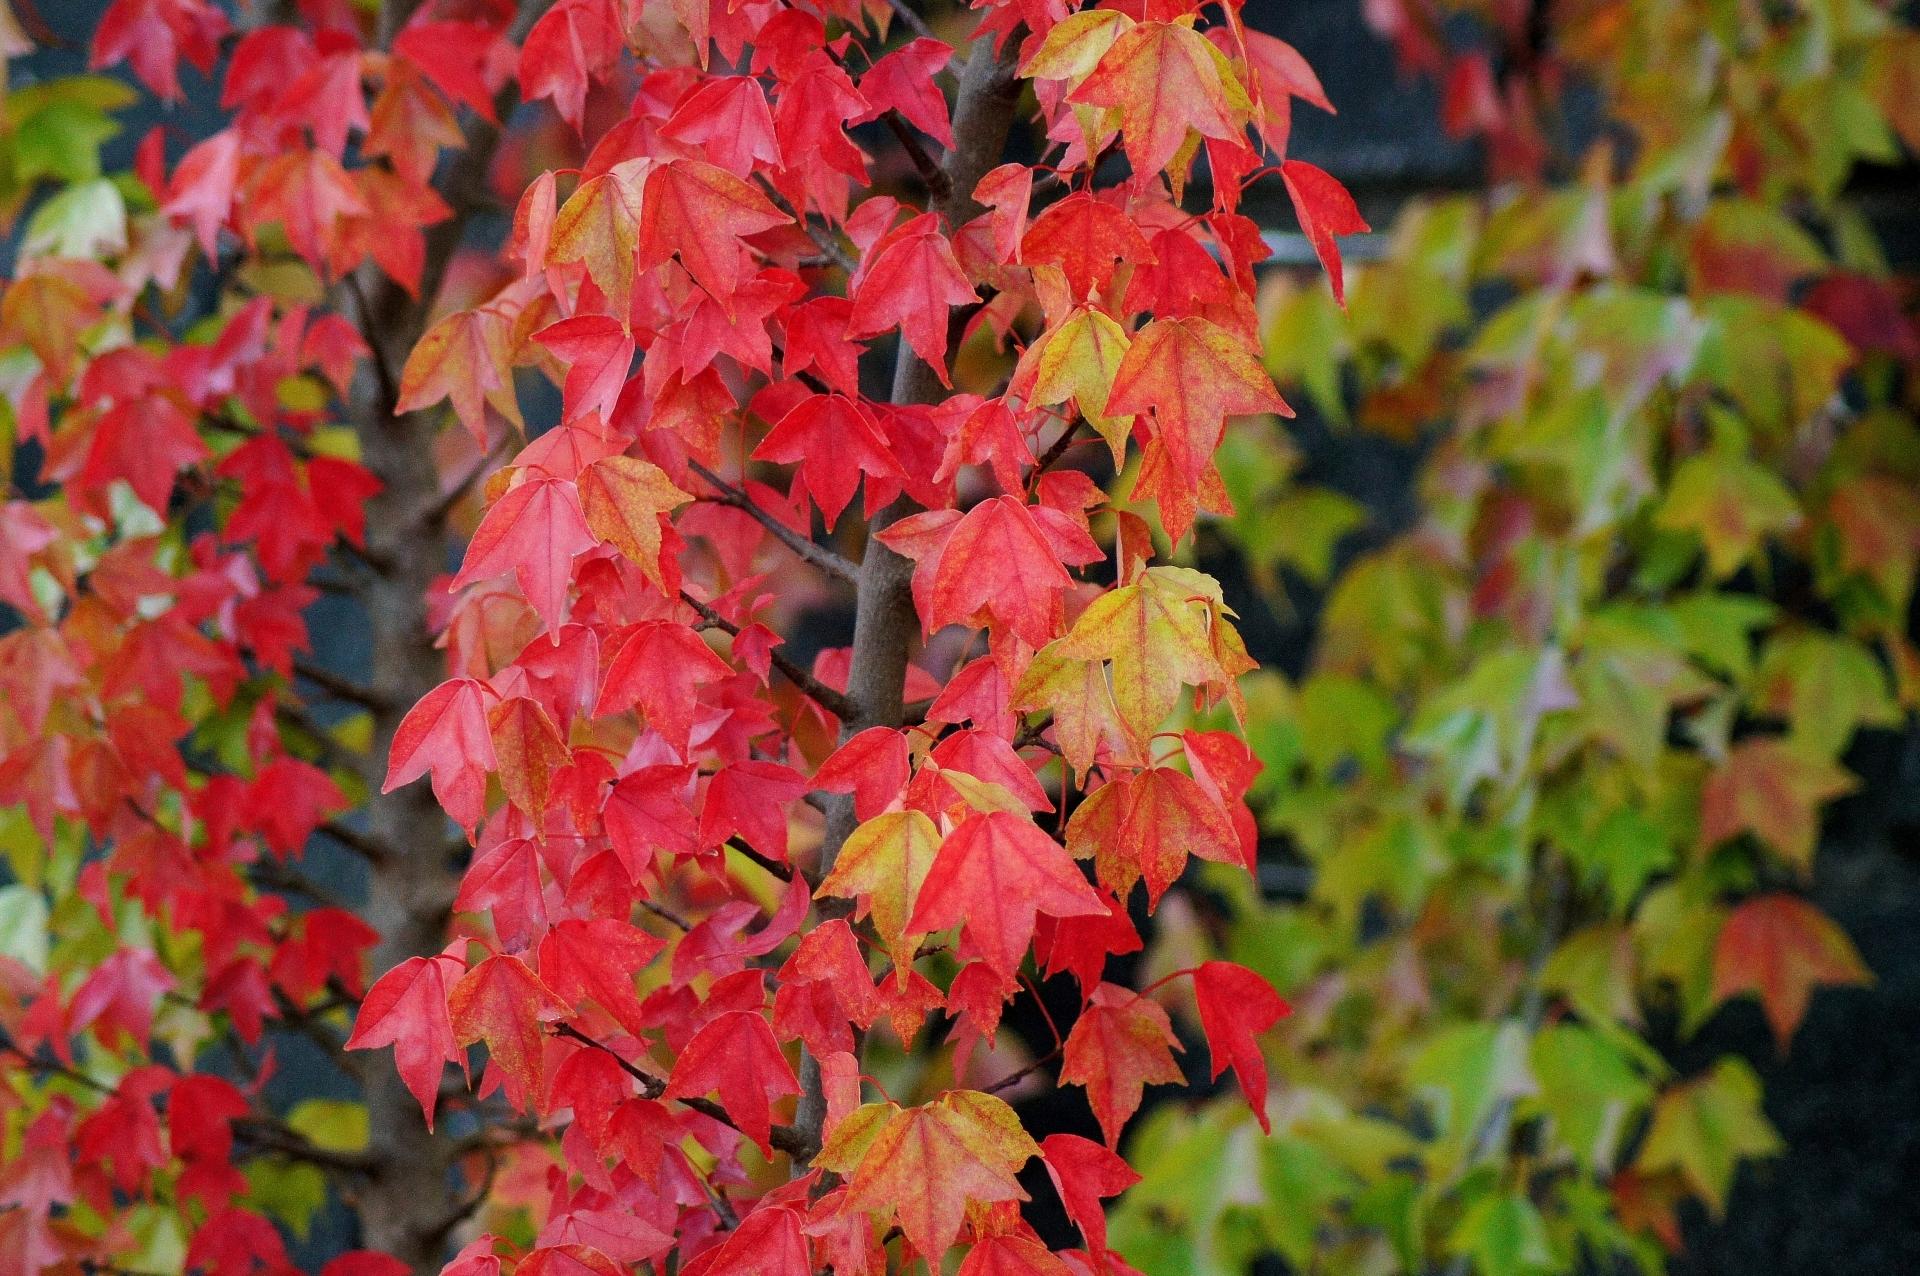 トウカエデ(唐楓)とは?街路樹にも利用される樹木の特徴をご紹介!